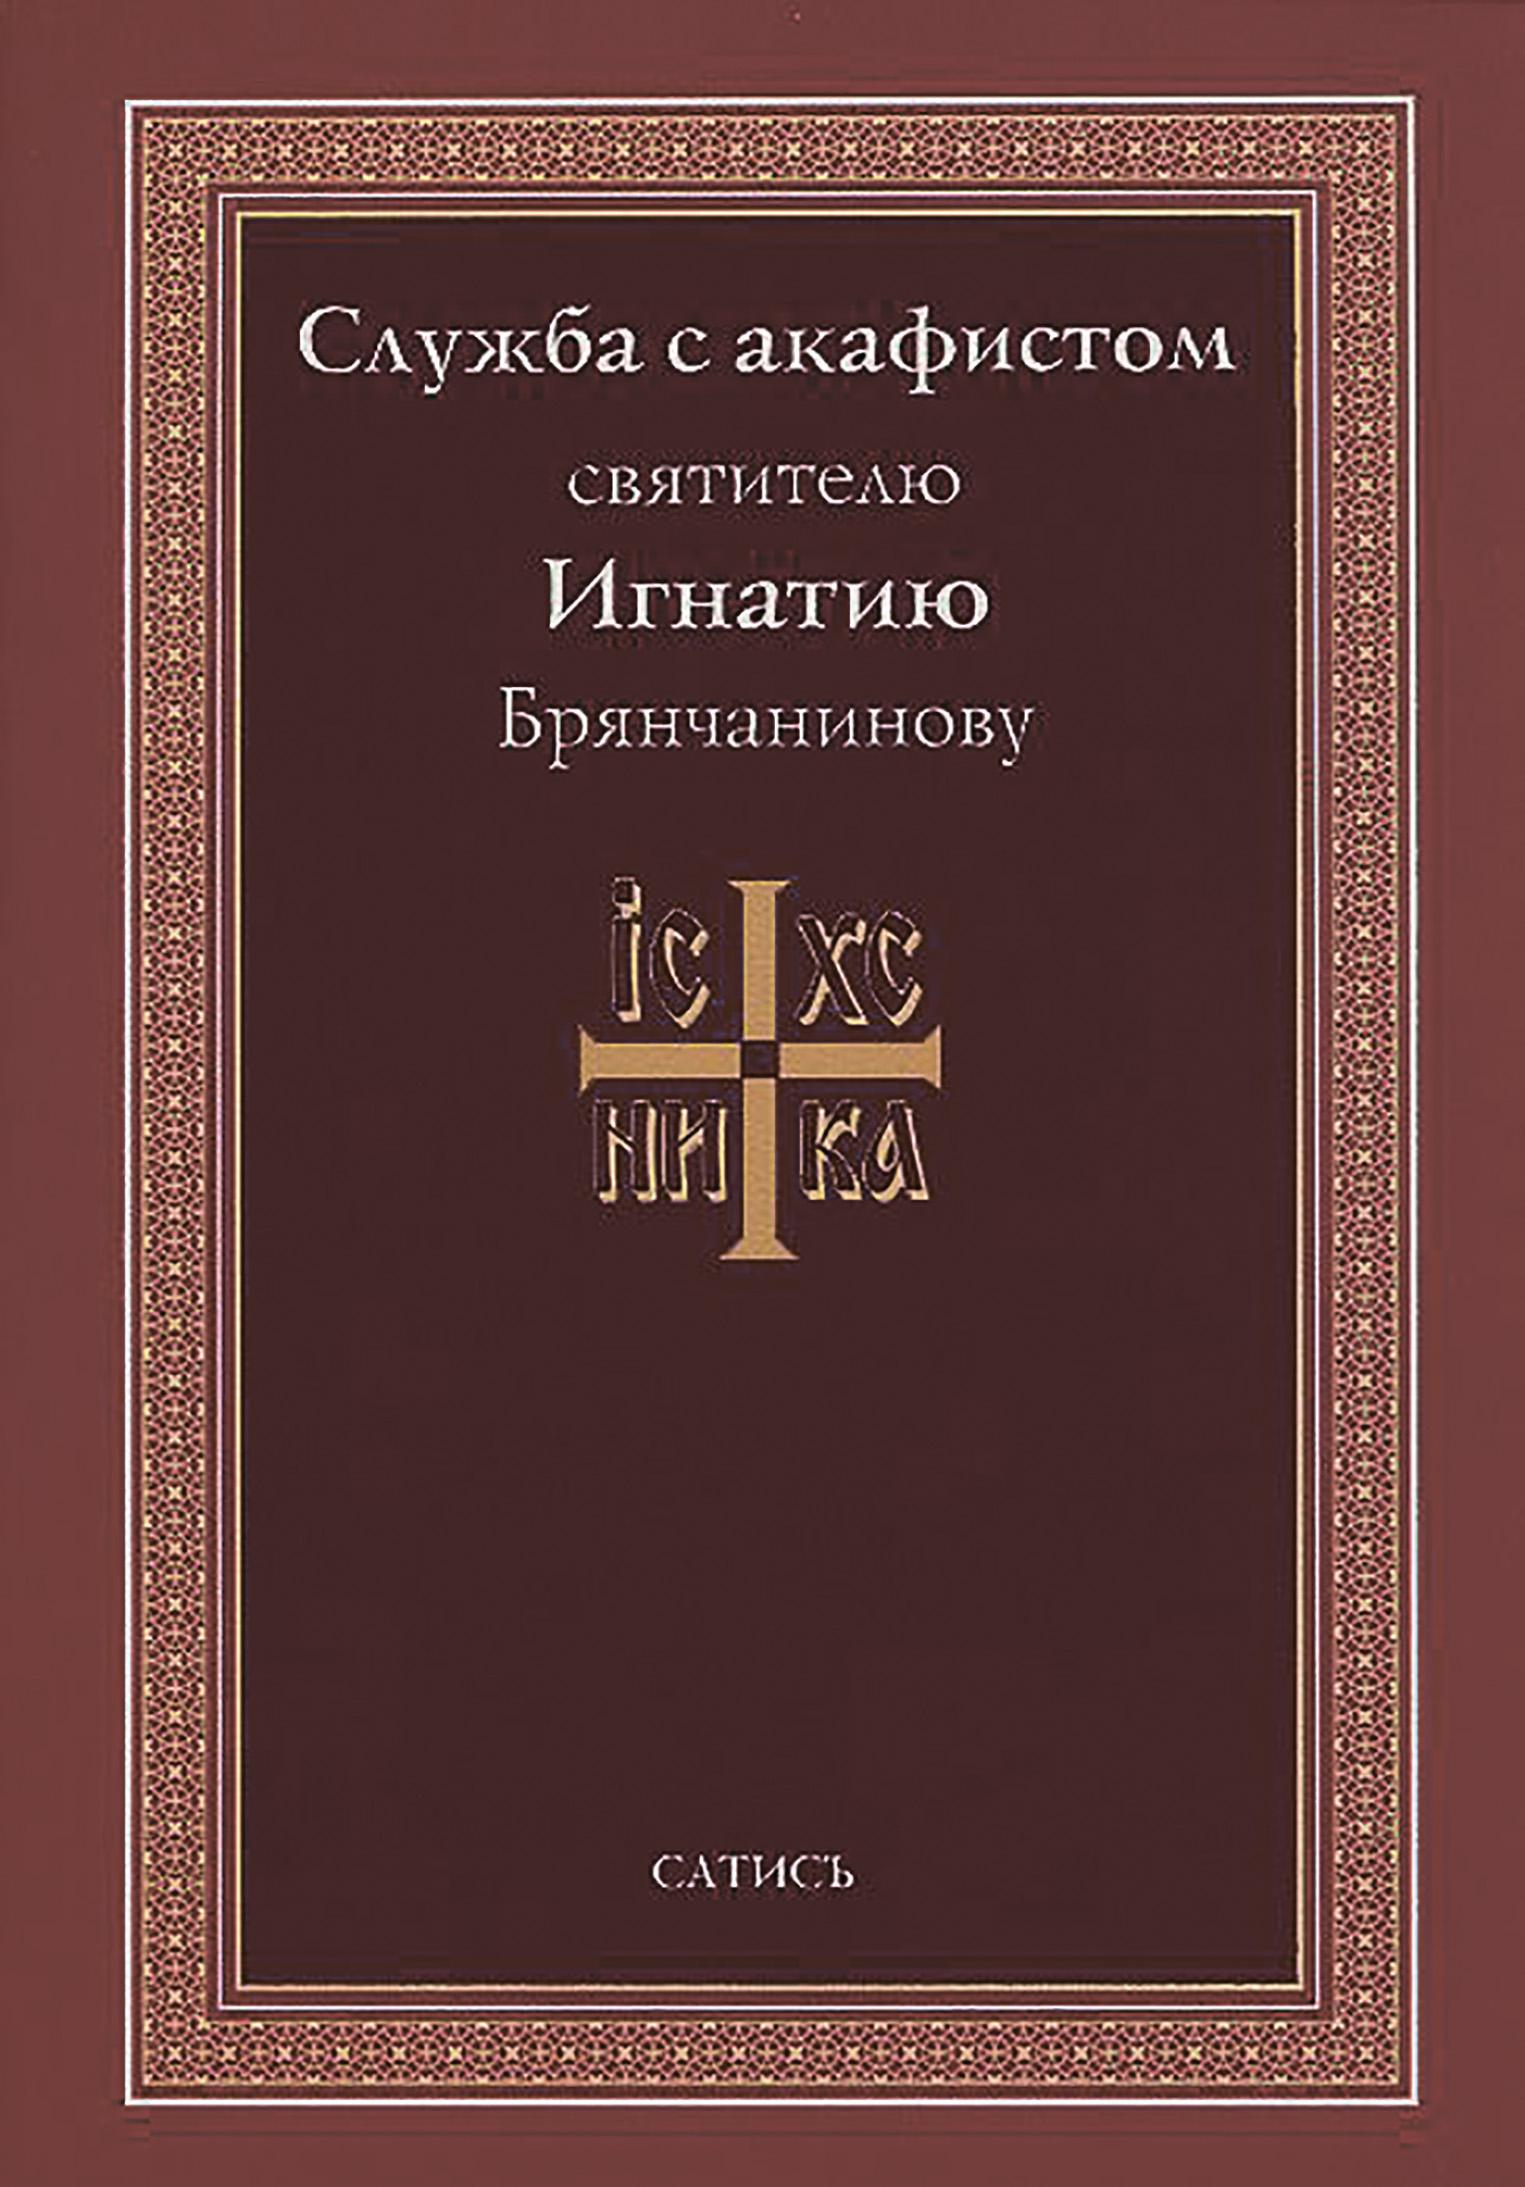 Купить книгу Служба с акафистом святителю Игнатию Брянчанинову, автора А. В. Блинского